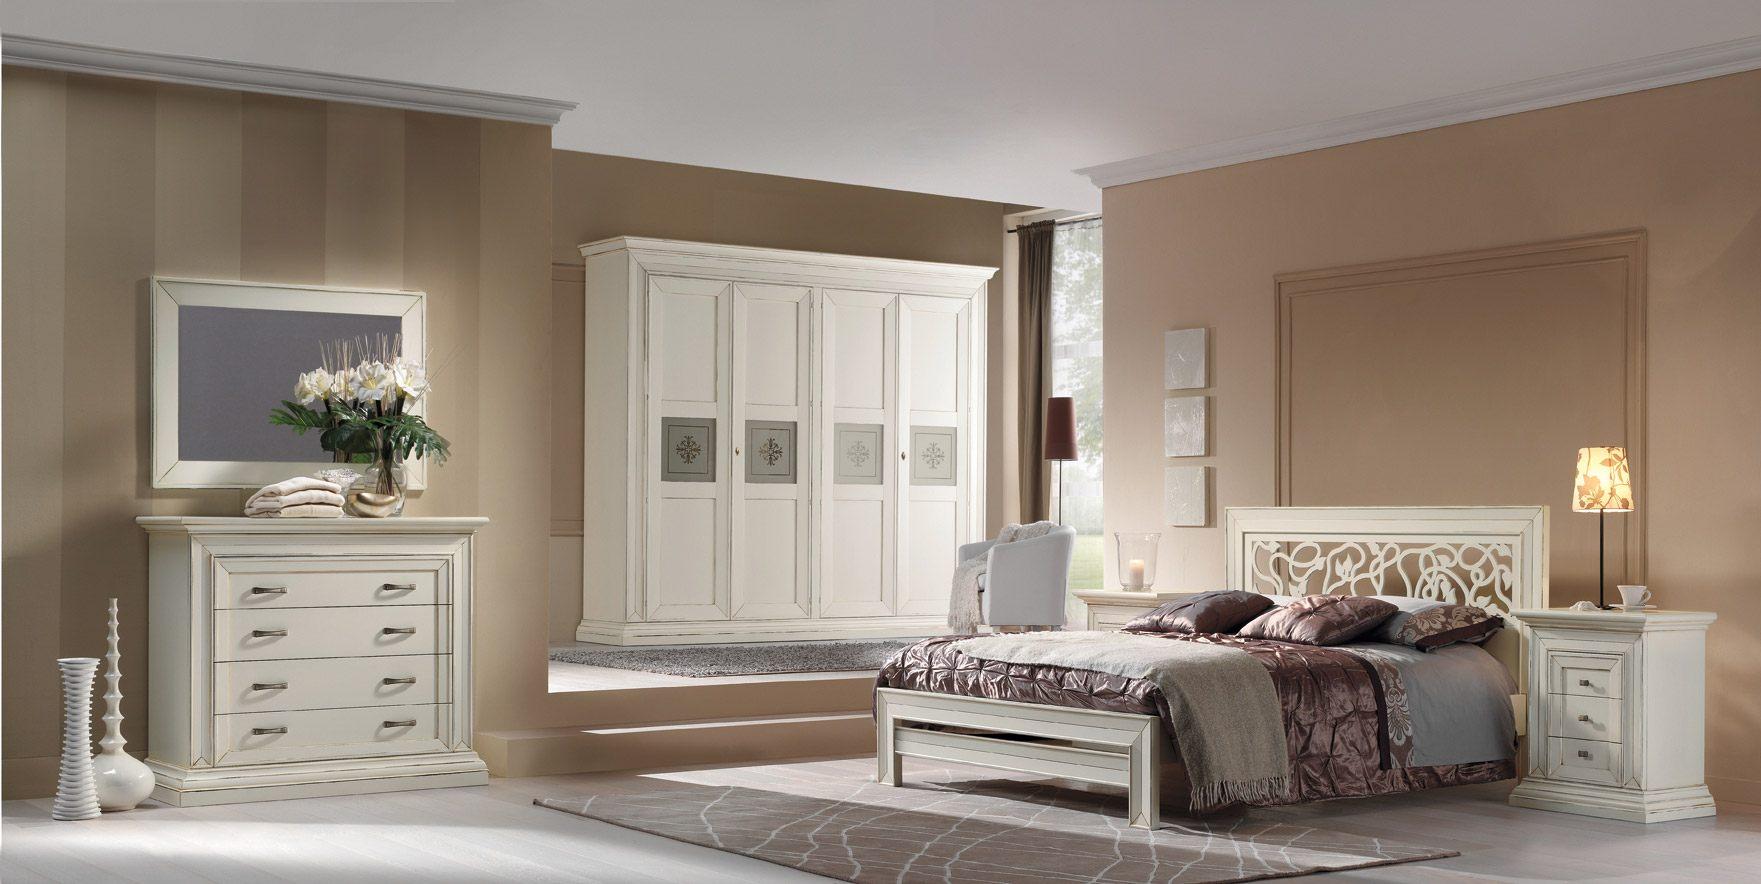 Camere da letto classiche torino sumisura fabbrica for Camere da letto moderne in offerta